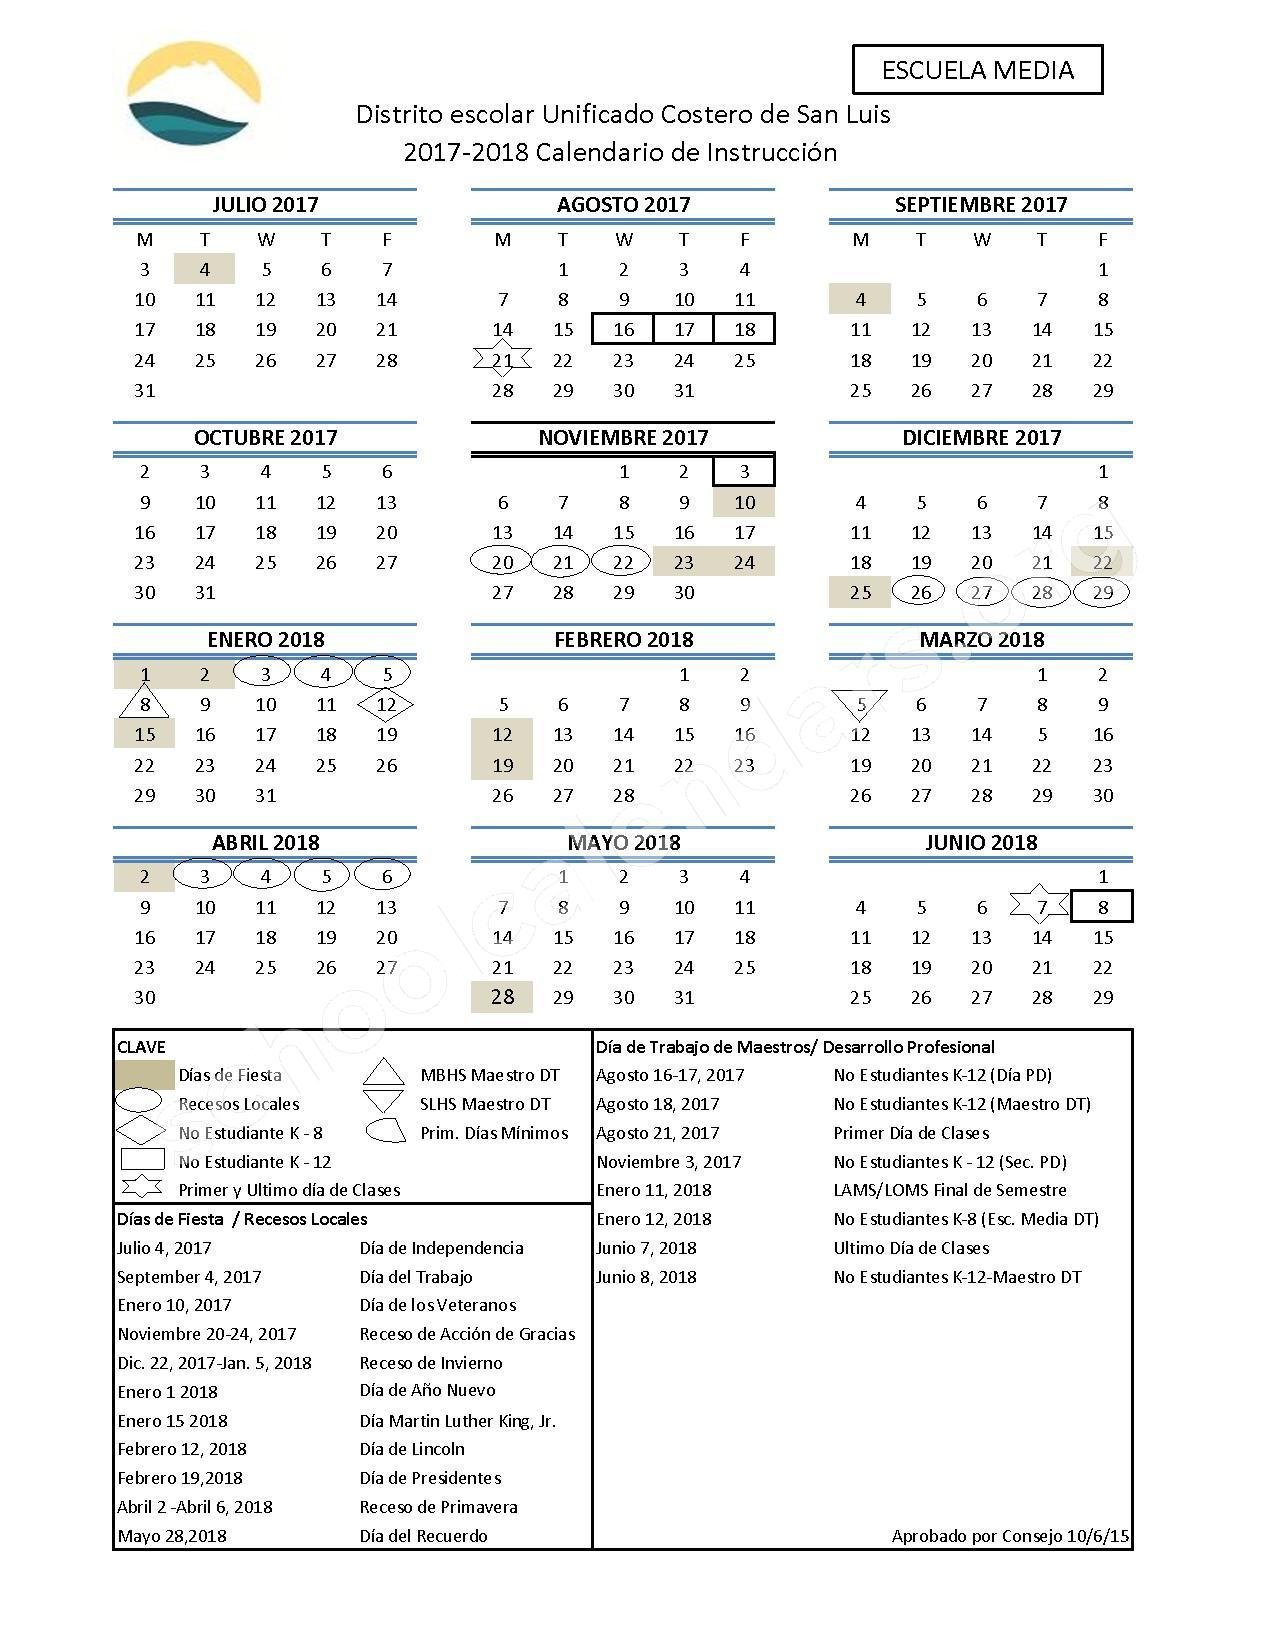 2017 - 2018 Calendario Esoclar (Escuela Media) – San Luis Coastal Unified School District – page 1